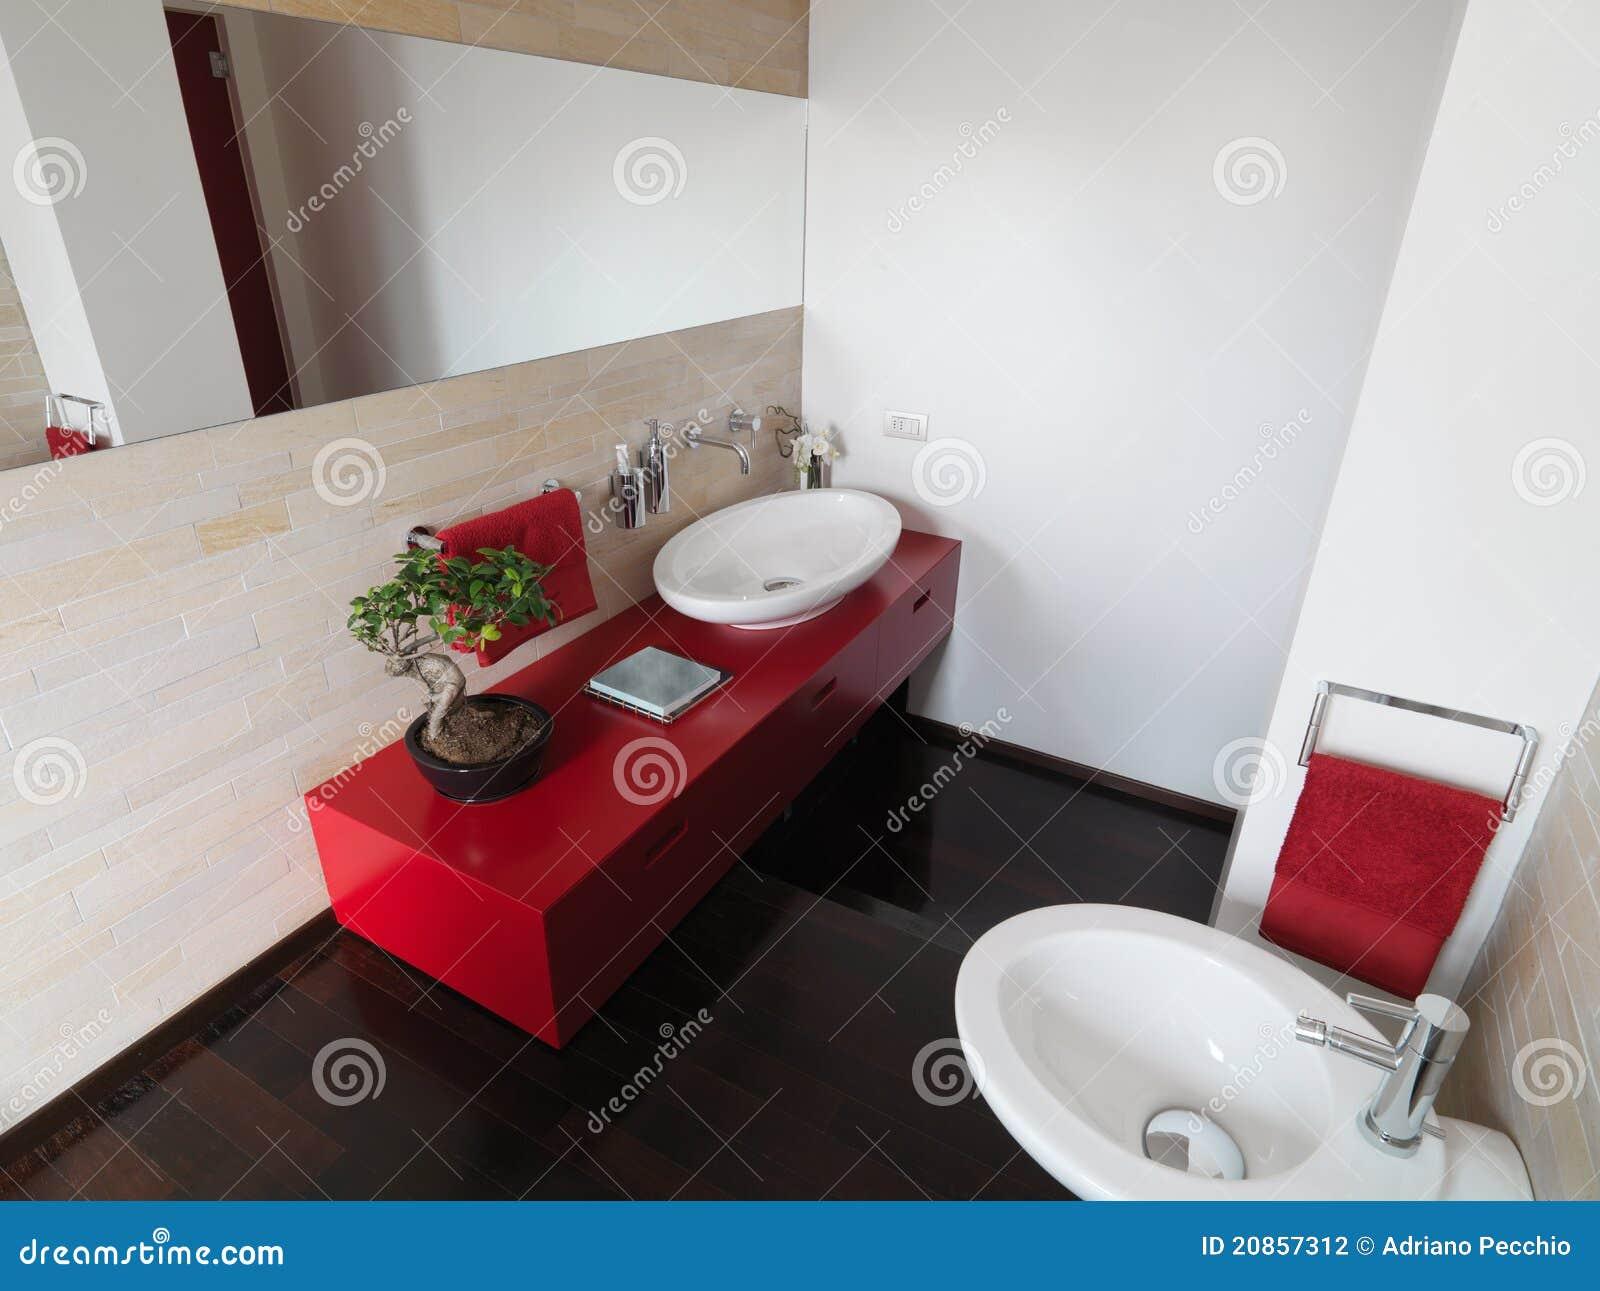 Download Modernes Badezimmer Mit Bunten Möbeln Stockfoto   Bild Von Farbe,  Fußboden: 20857312